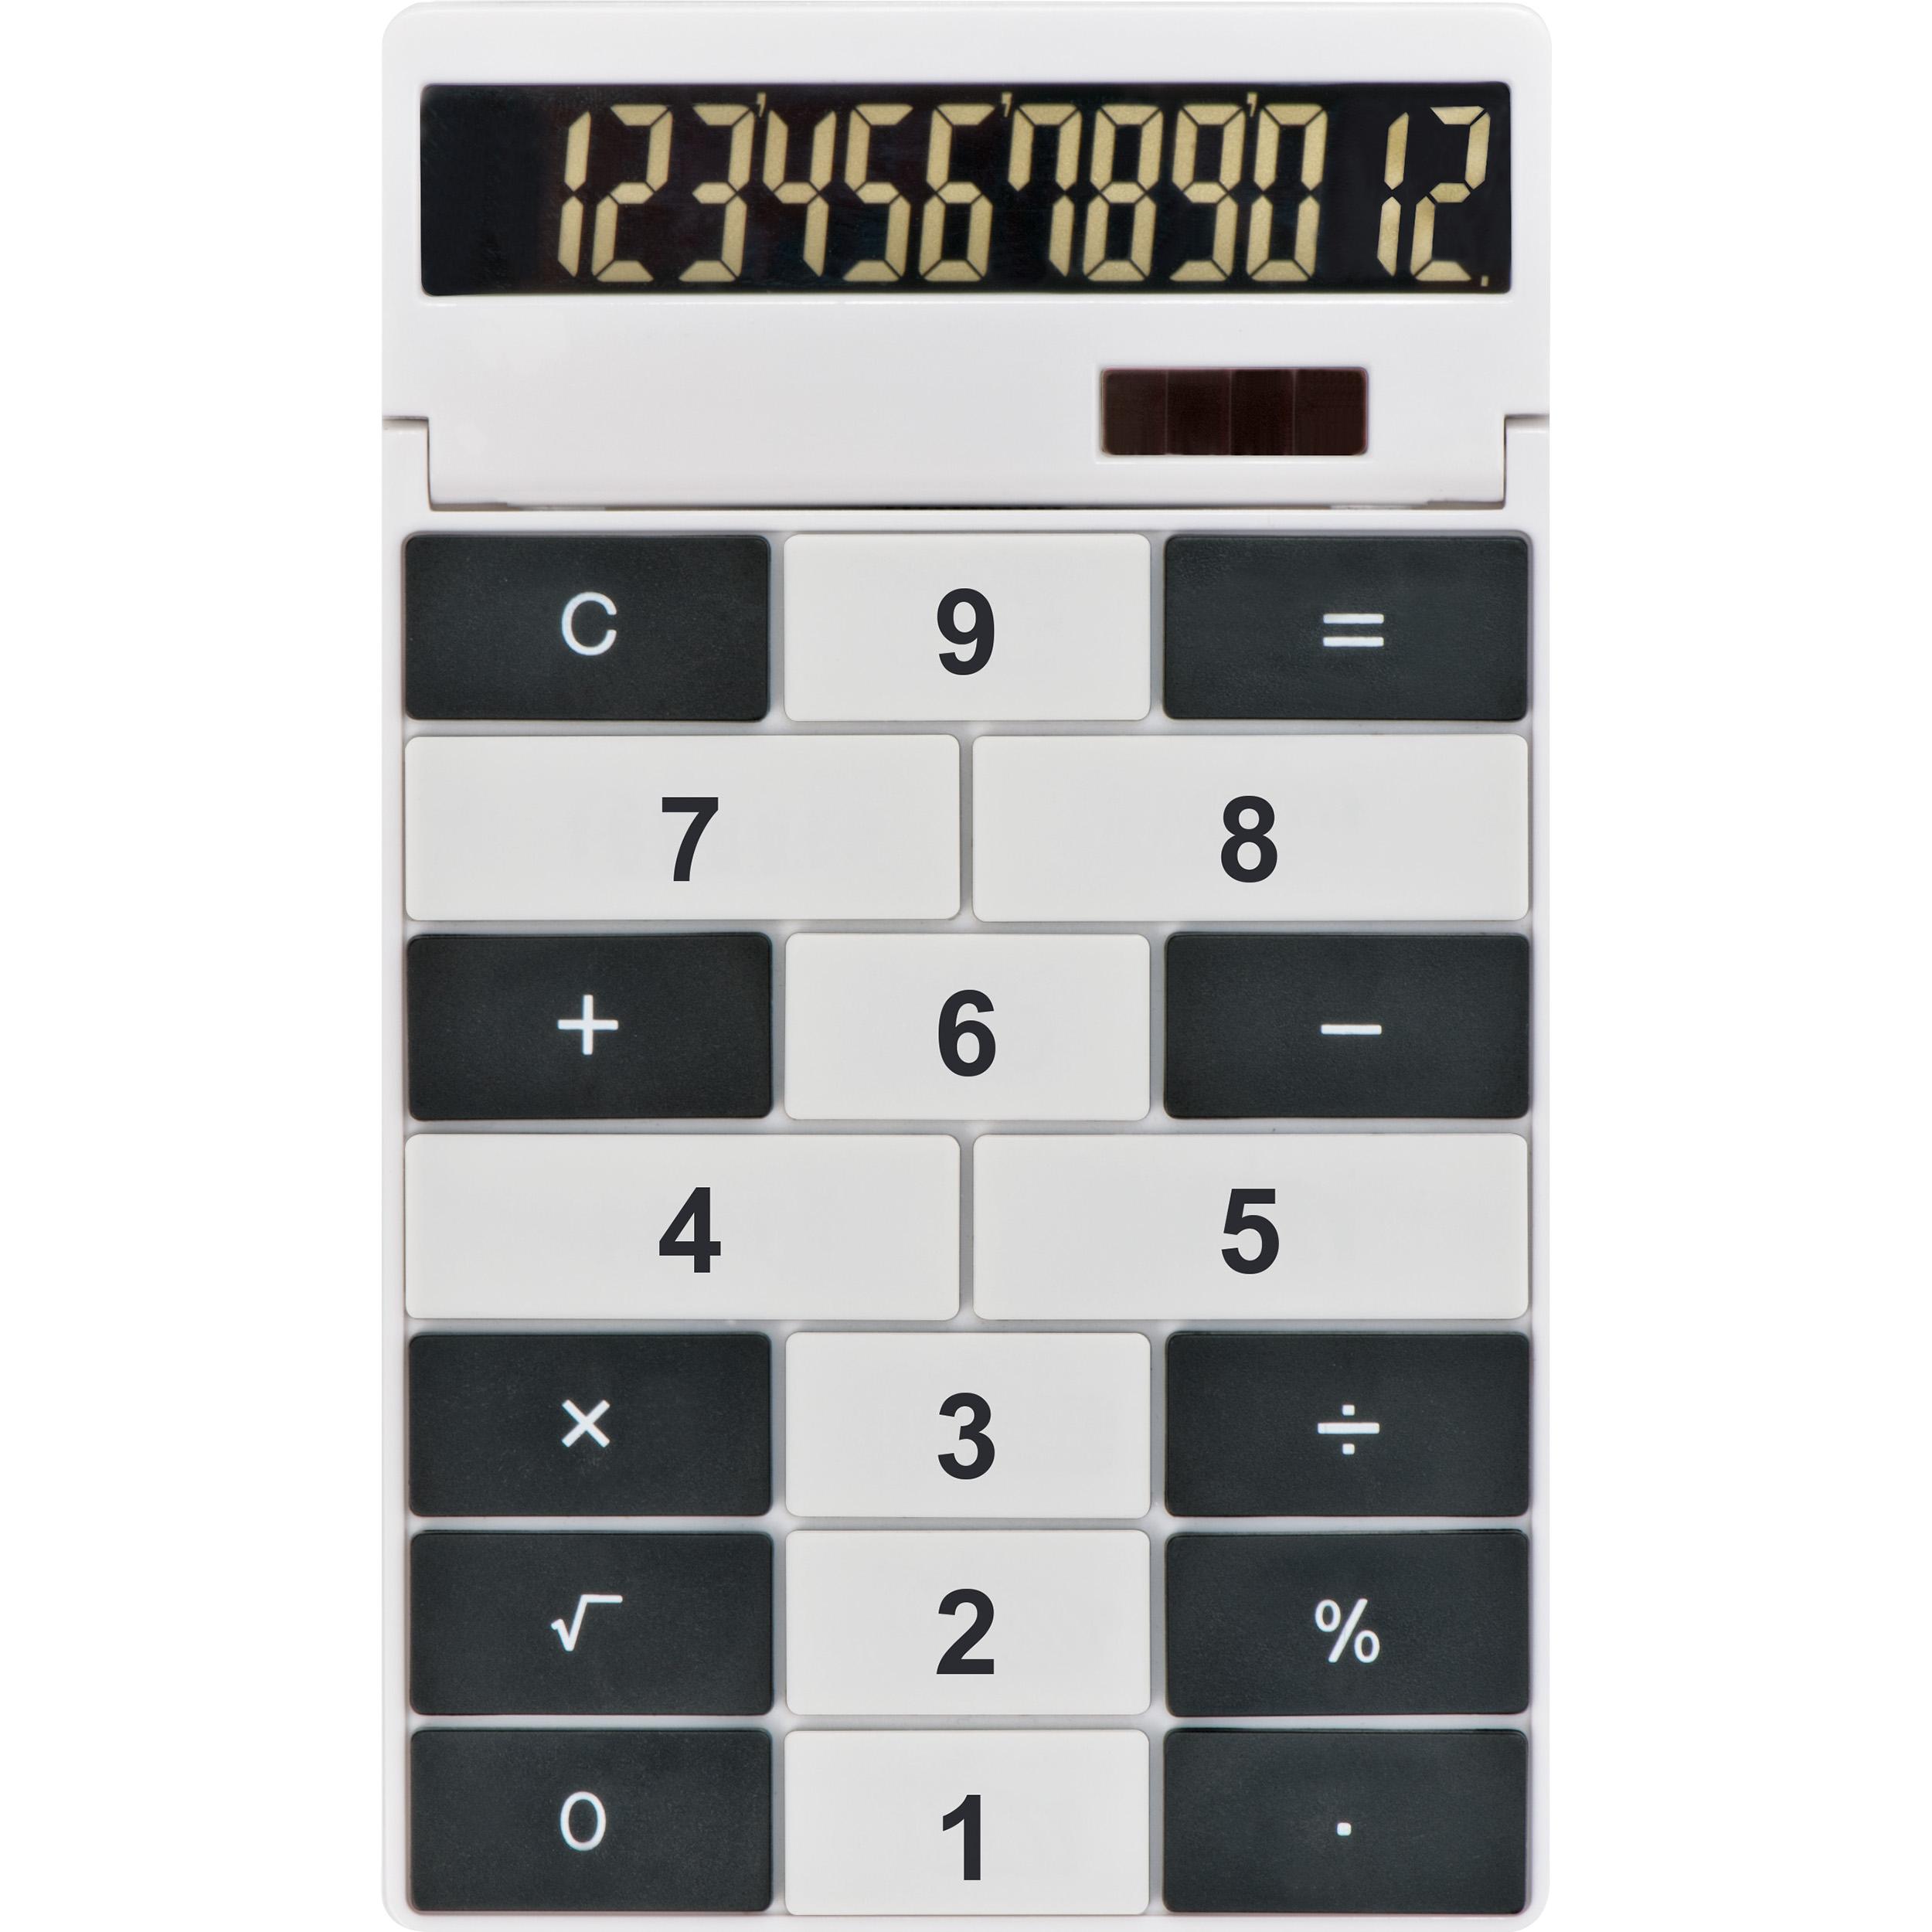 Tischrechner mit 12 Digits aus Kunststoff